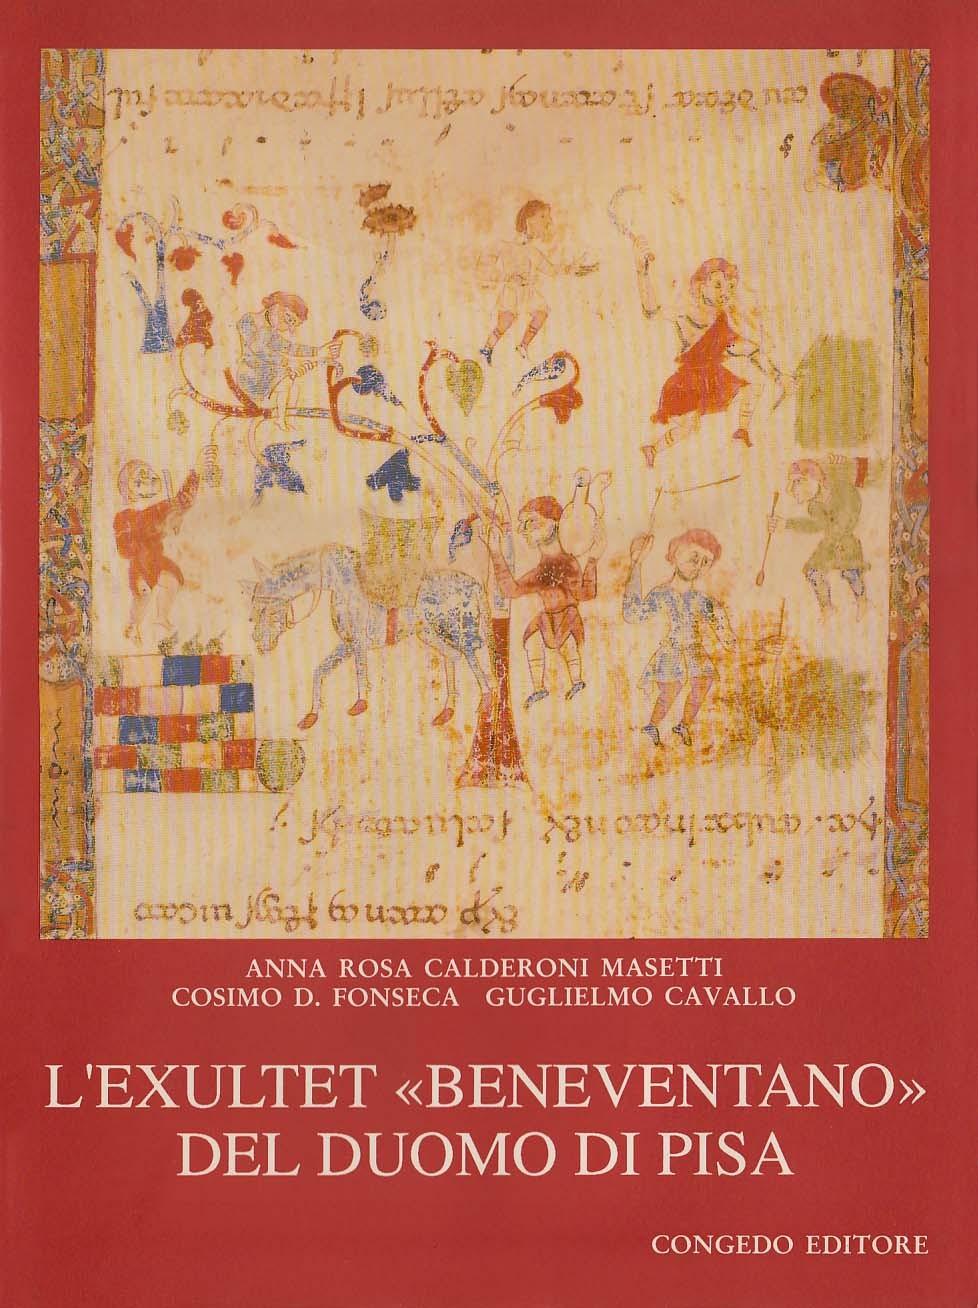 """L'exultet """"beneventano"""" del Duomo di Pisa"""